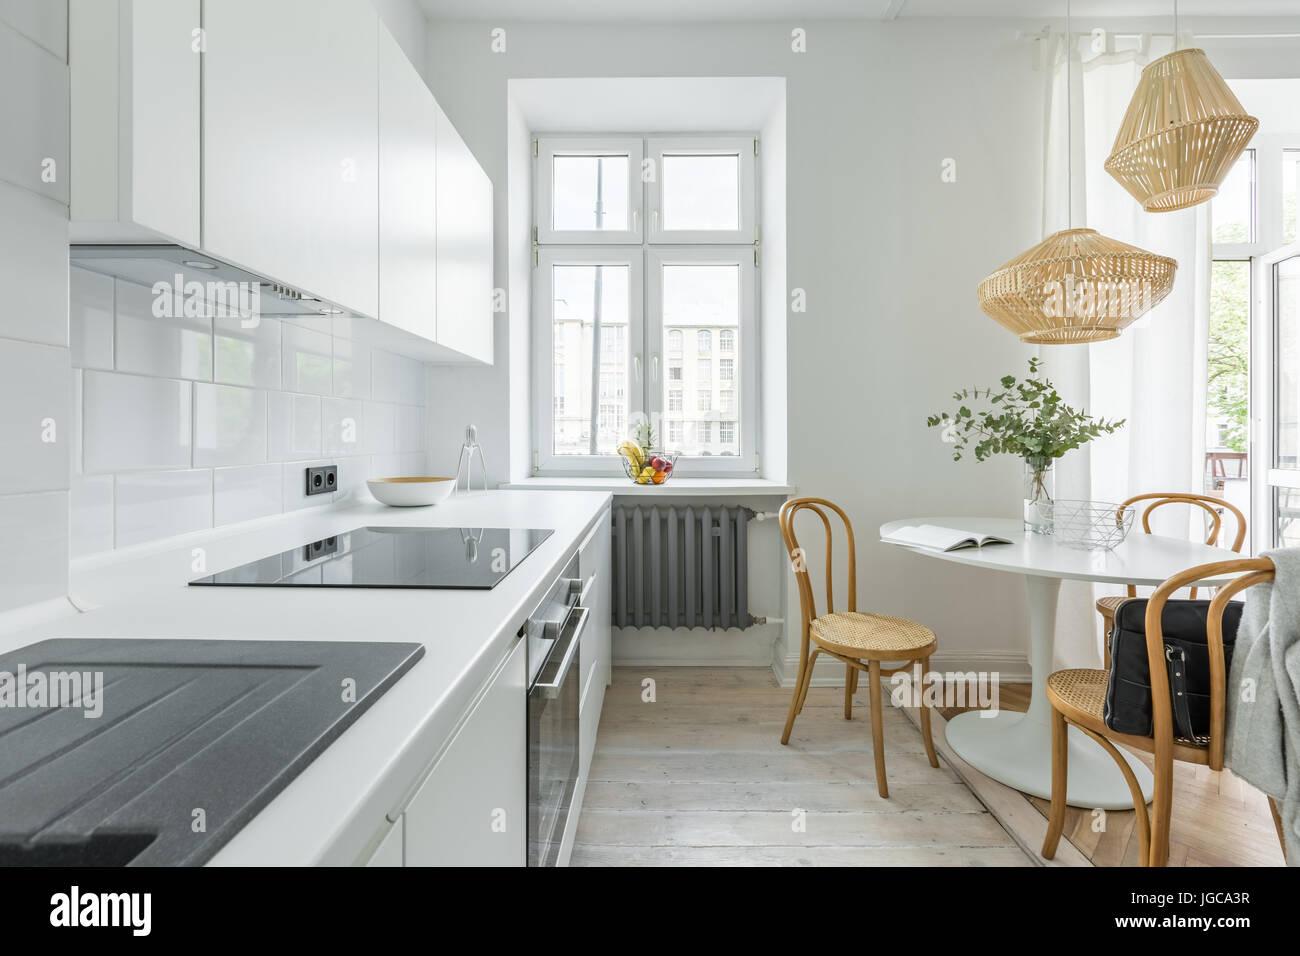 Cuisine Scandinave Blanc Et Bois cuisine blanche dans un style scandinave avec table ronde et